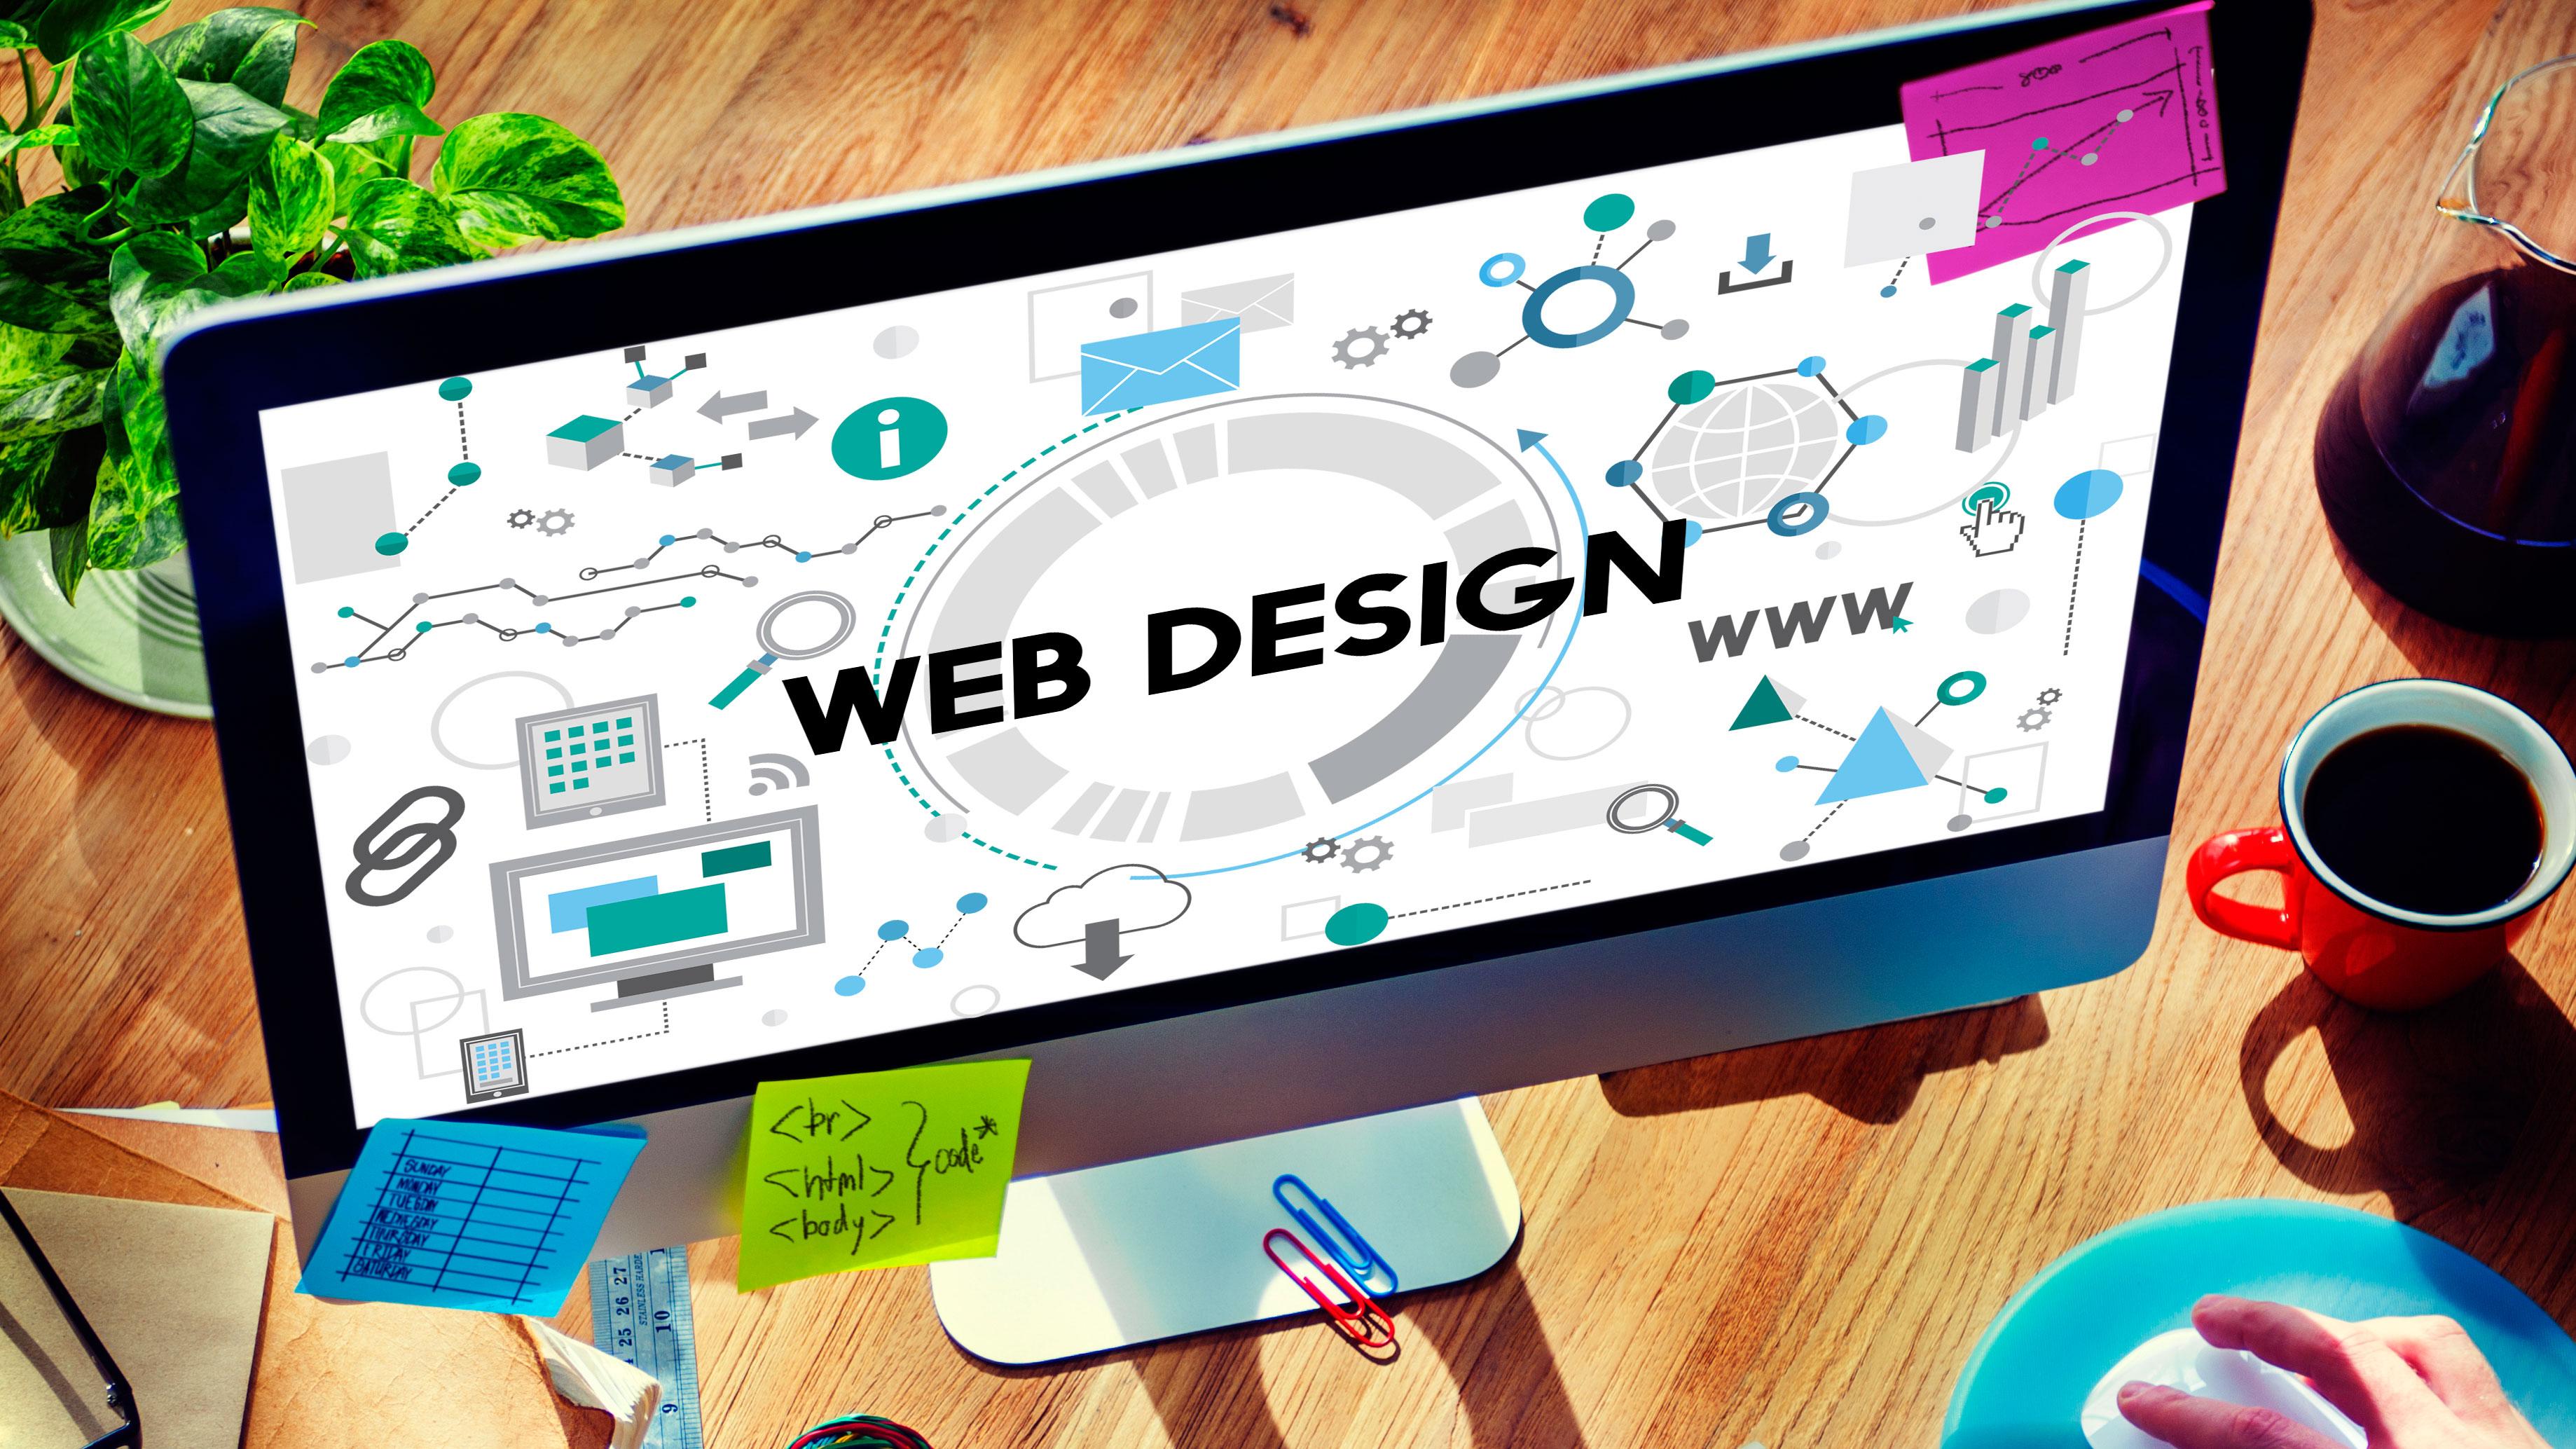 Web design for business platinum - Digital Brand | Flutterwave Store